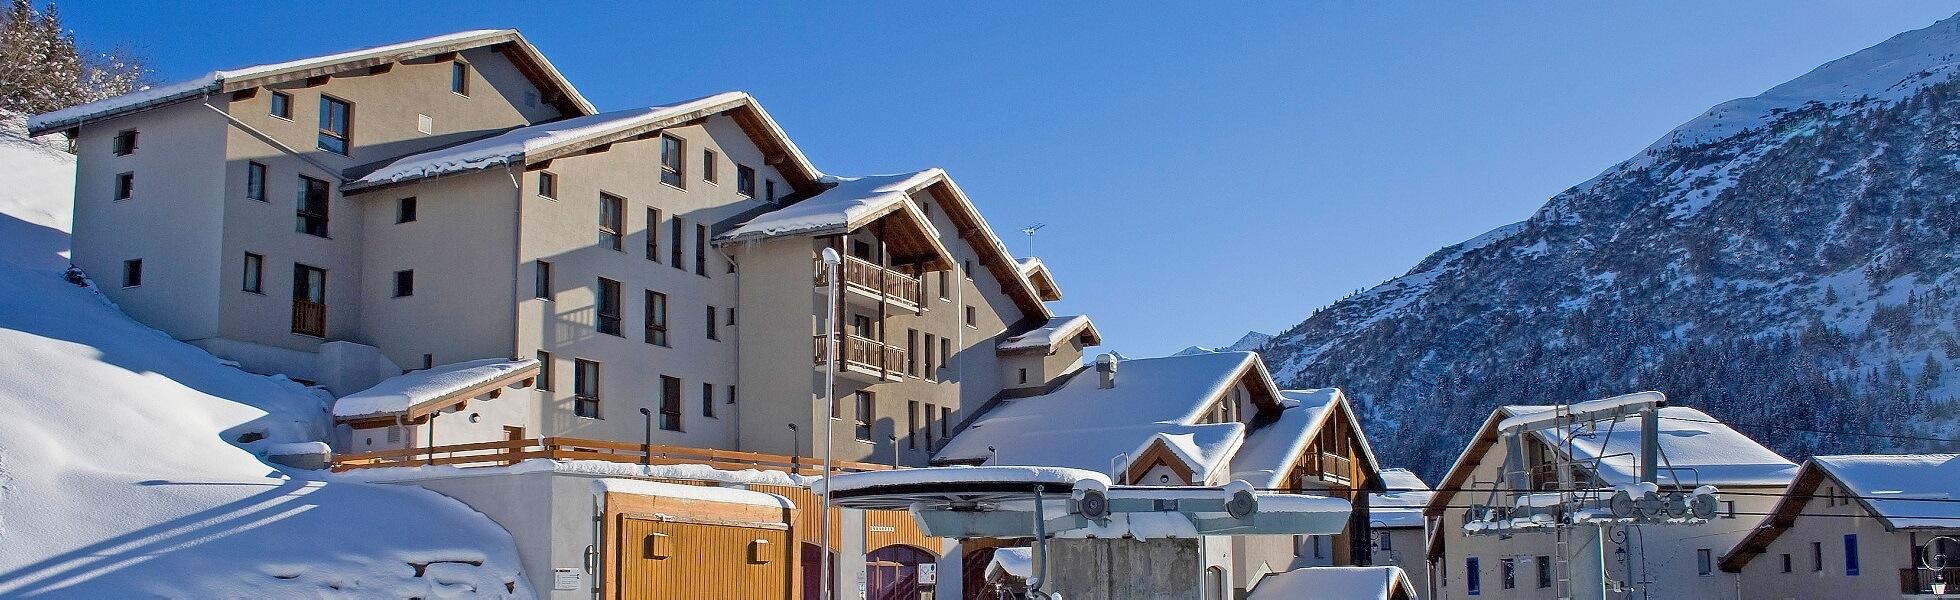 La Lauza Thabor – Valmeinier / Savoie